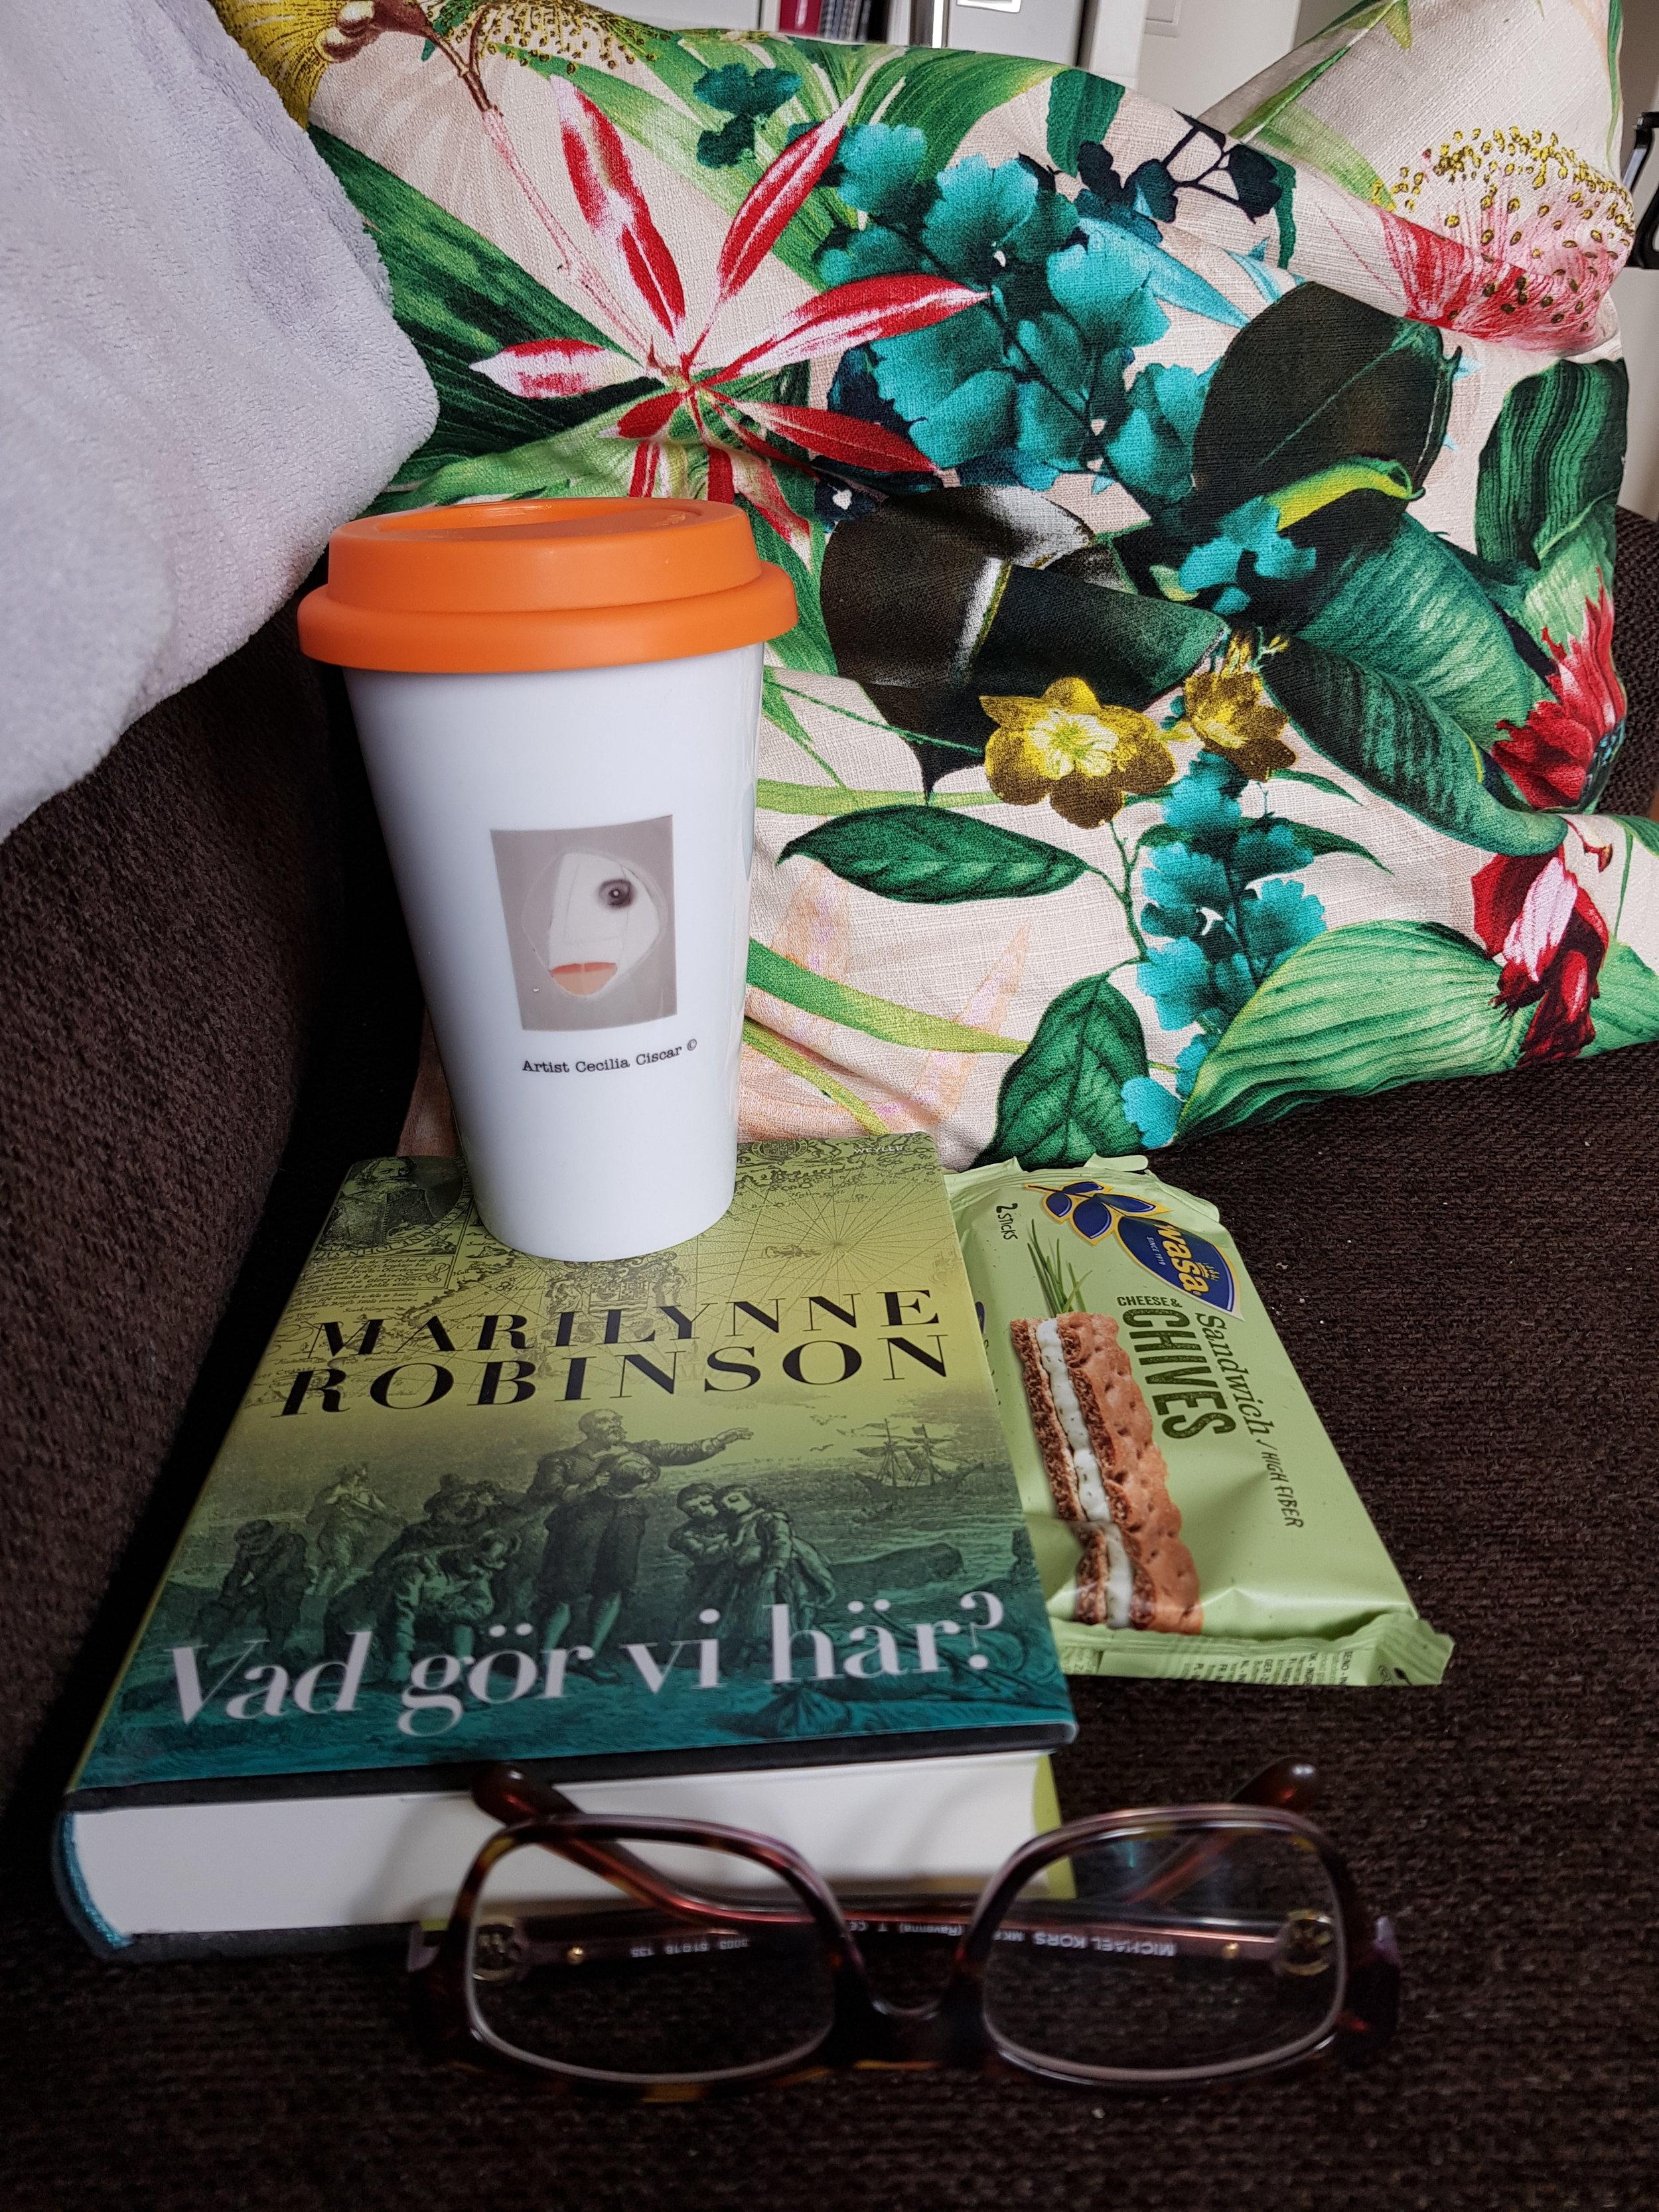 Böcker, att läsa och gå in i andra världar, lära sig, vidga sina vyer genom böcker…det är underbart!